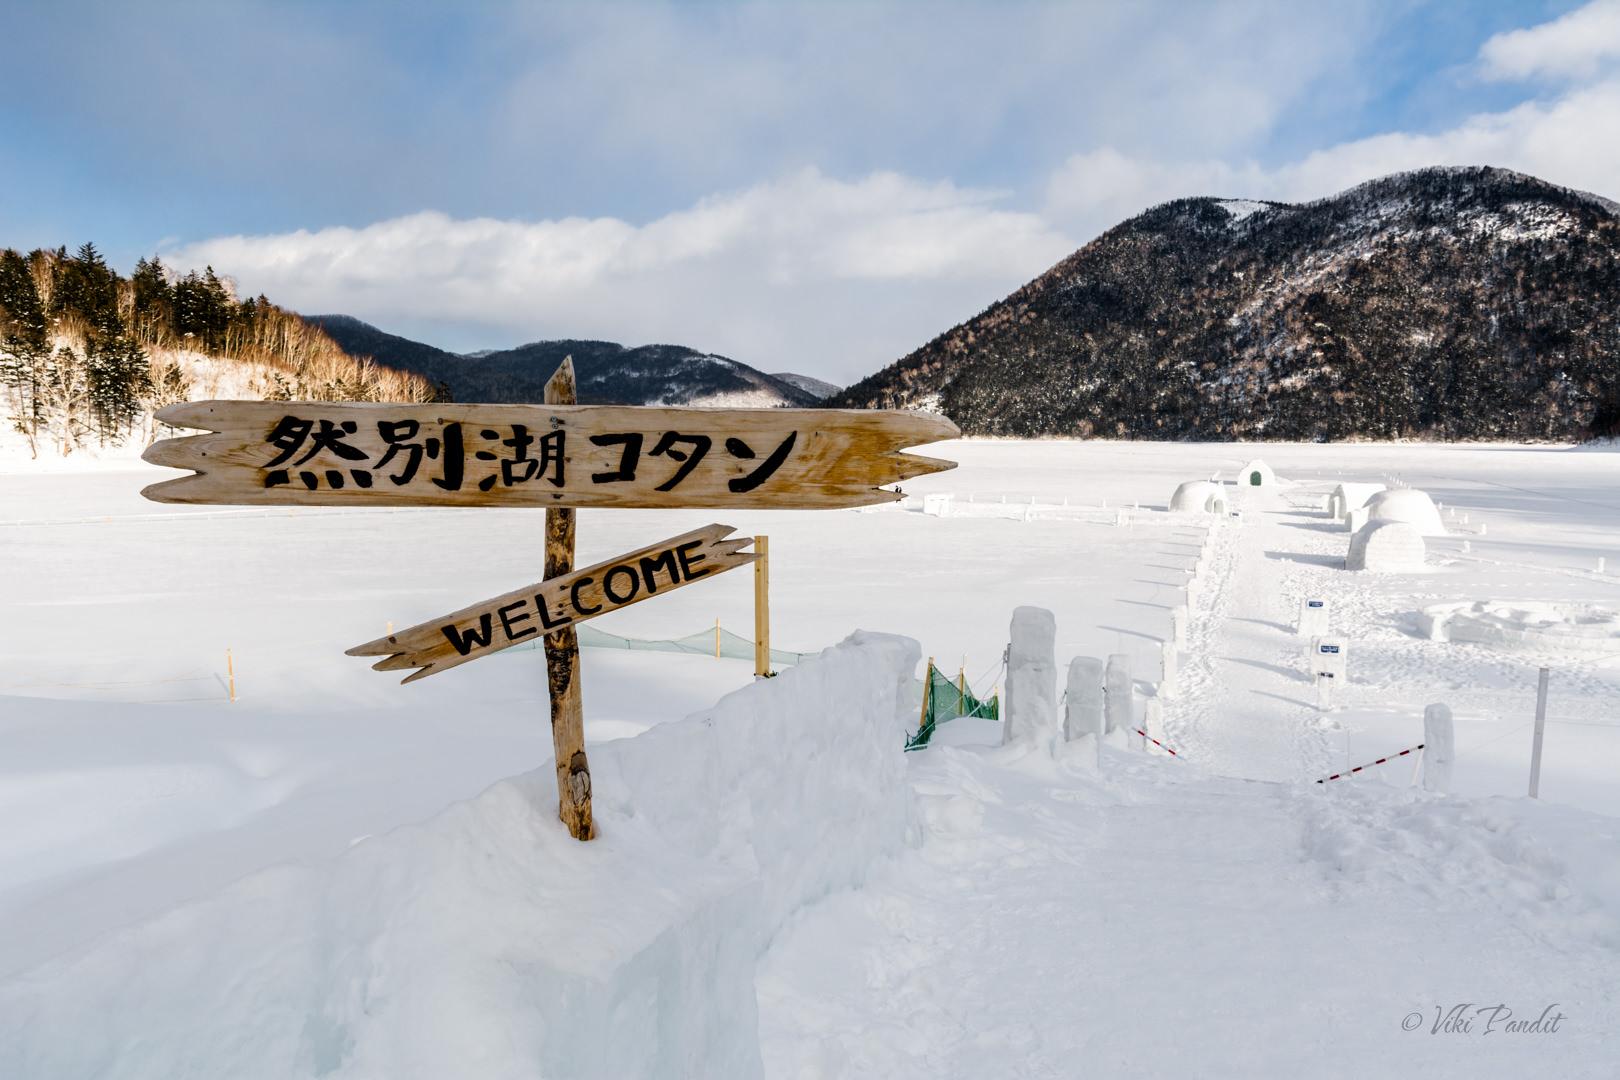 Welcome to Shikaribetsu Village